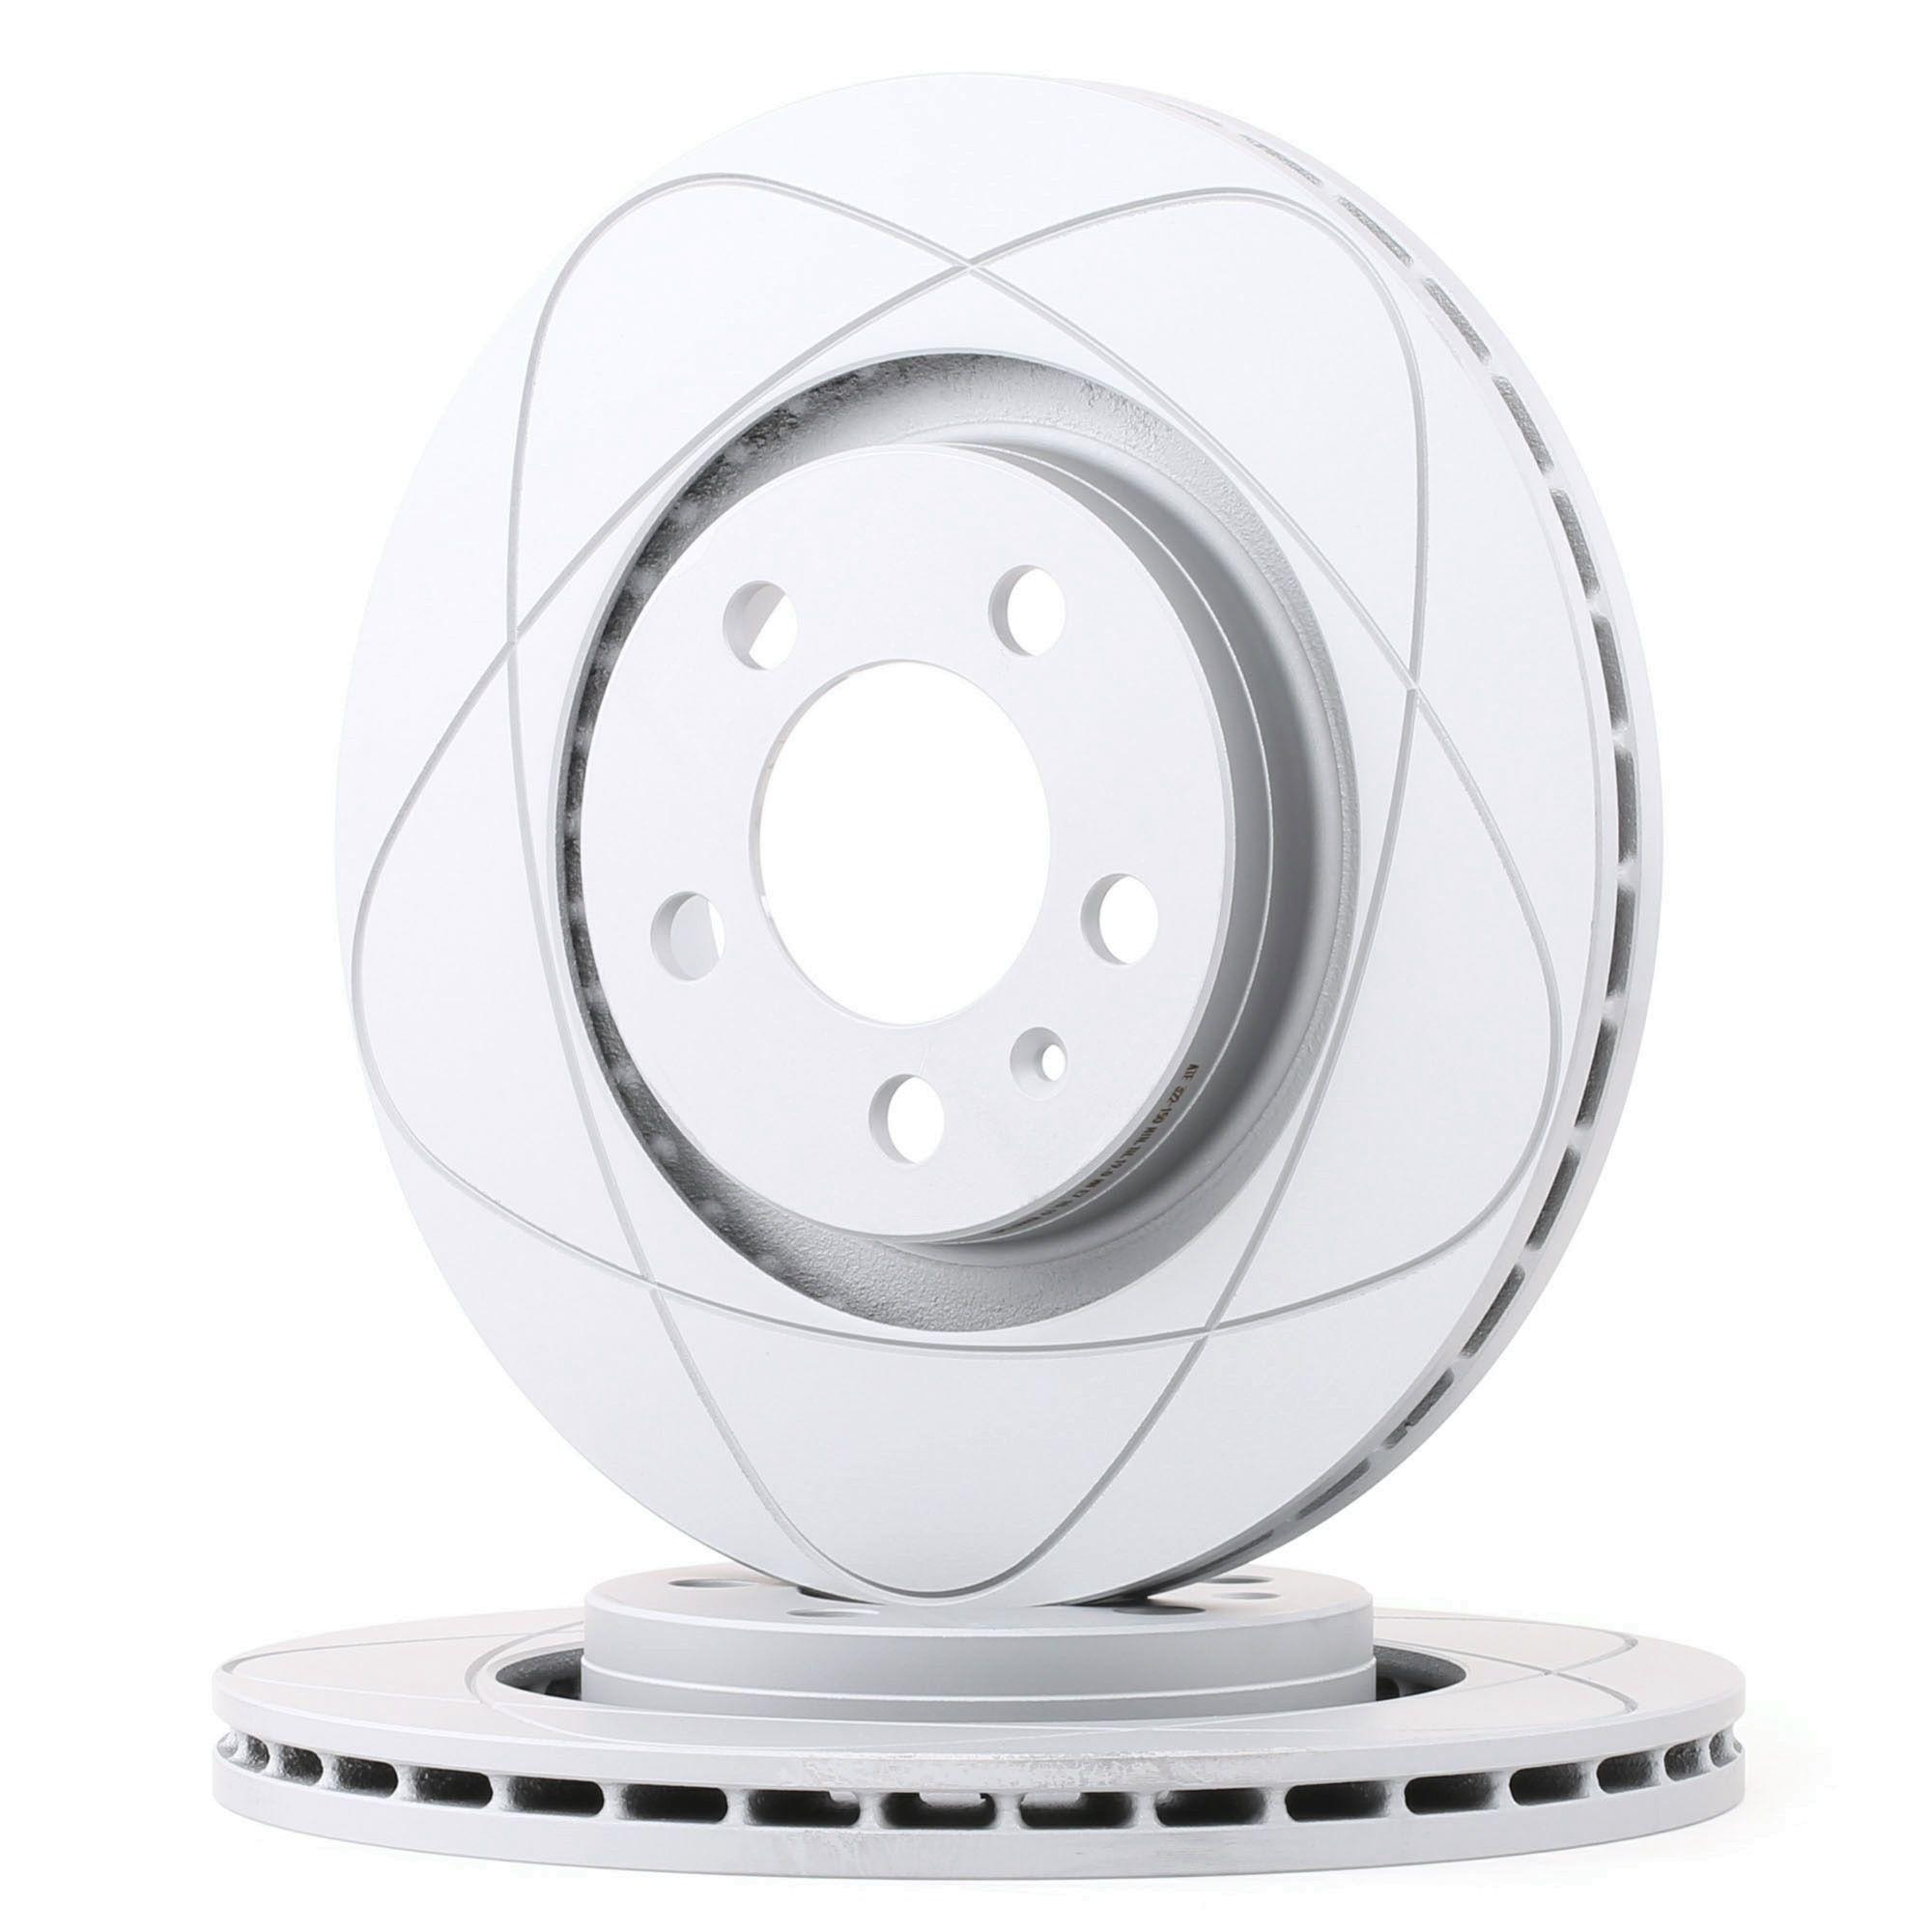 Achetez Disque de frein ATE 24.0322-0150.1 (Ø: 280,0mm, Nbre de trous: 5, Épaisseur du disque de frein: 22,0mm) à un rapport qualité-prix exceptionnel